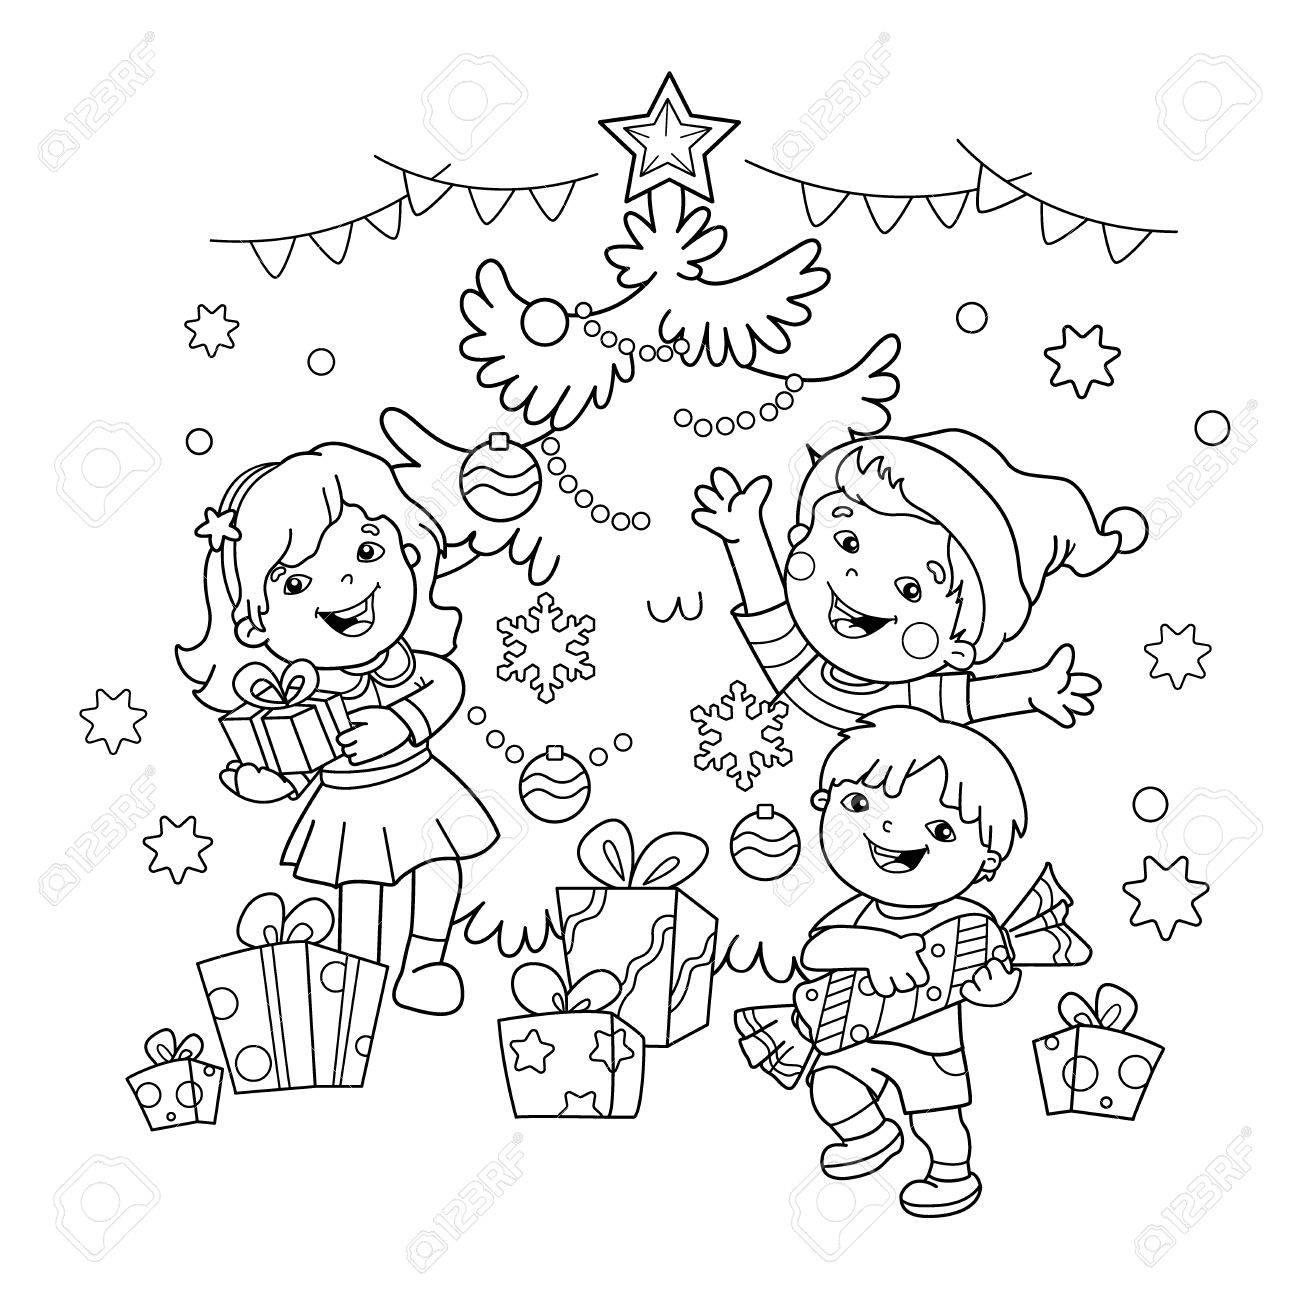 クリスマス ツリーの贈り物ページ概要の子供のぬりえクリスマス